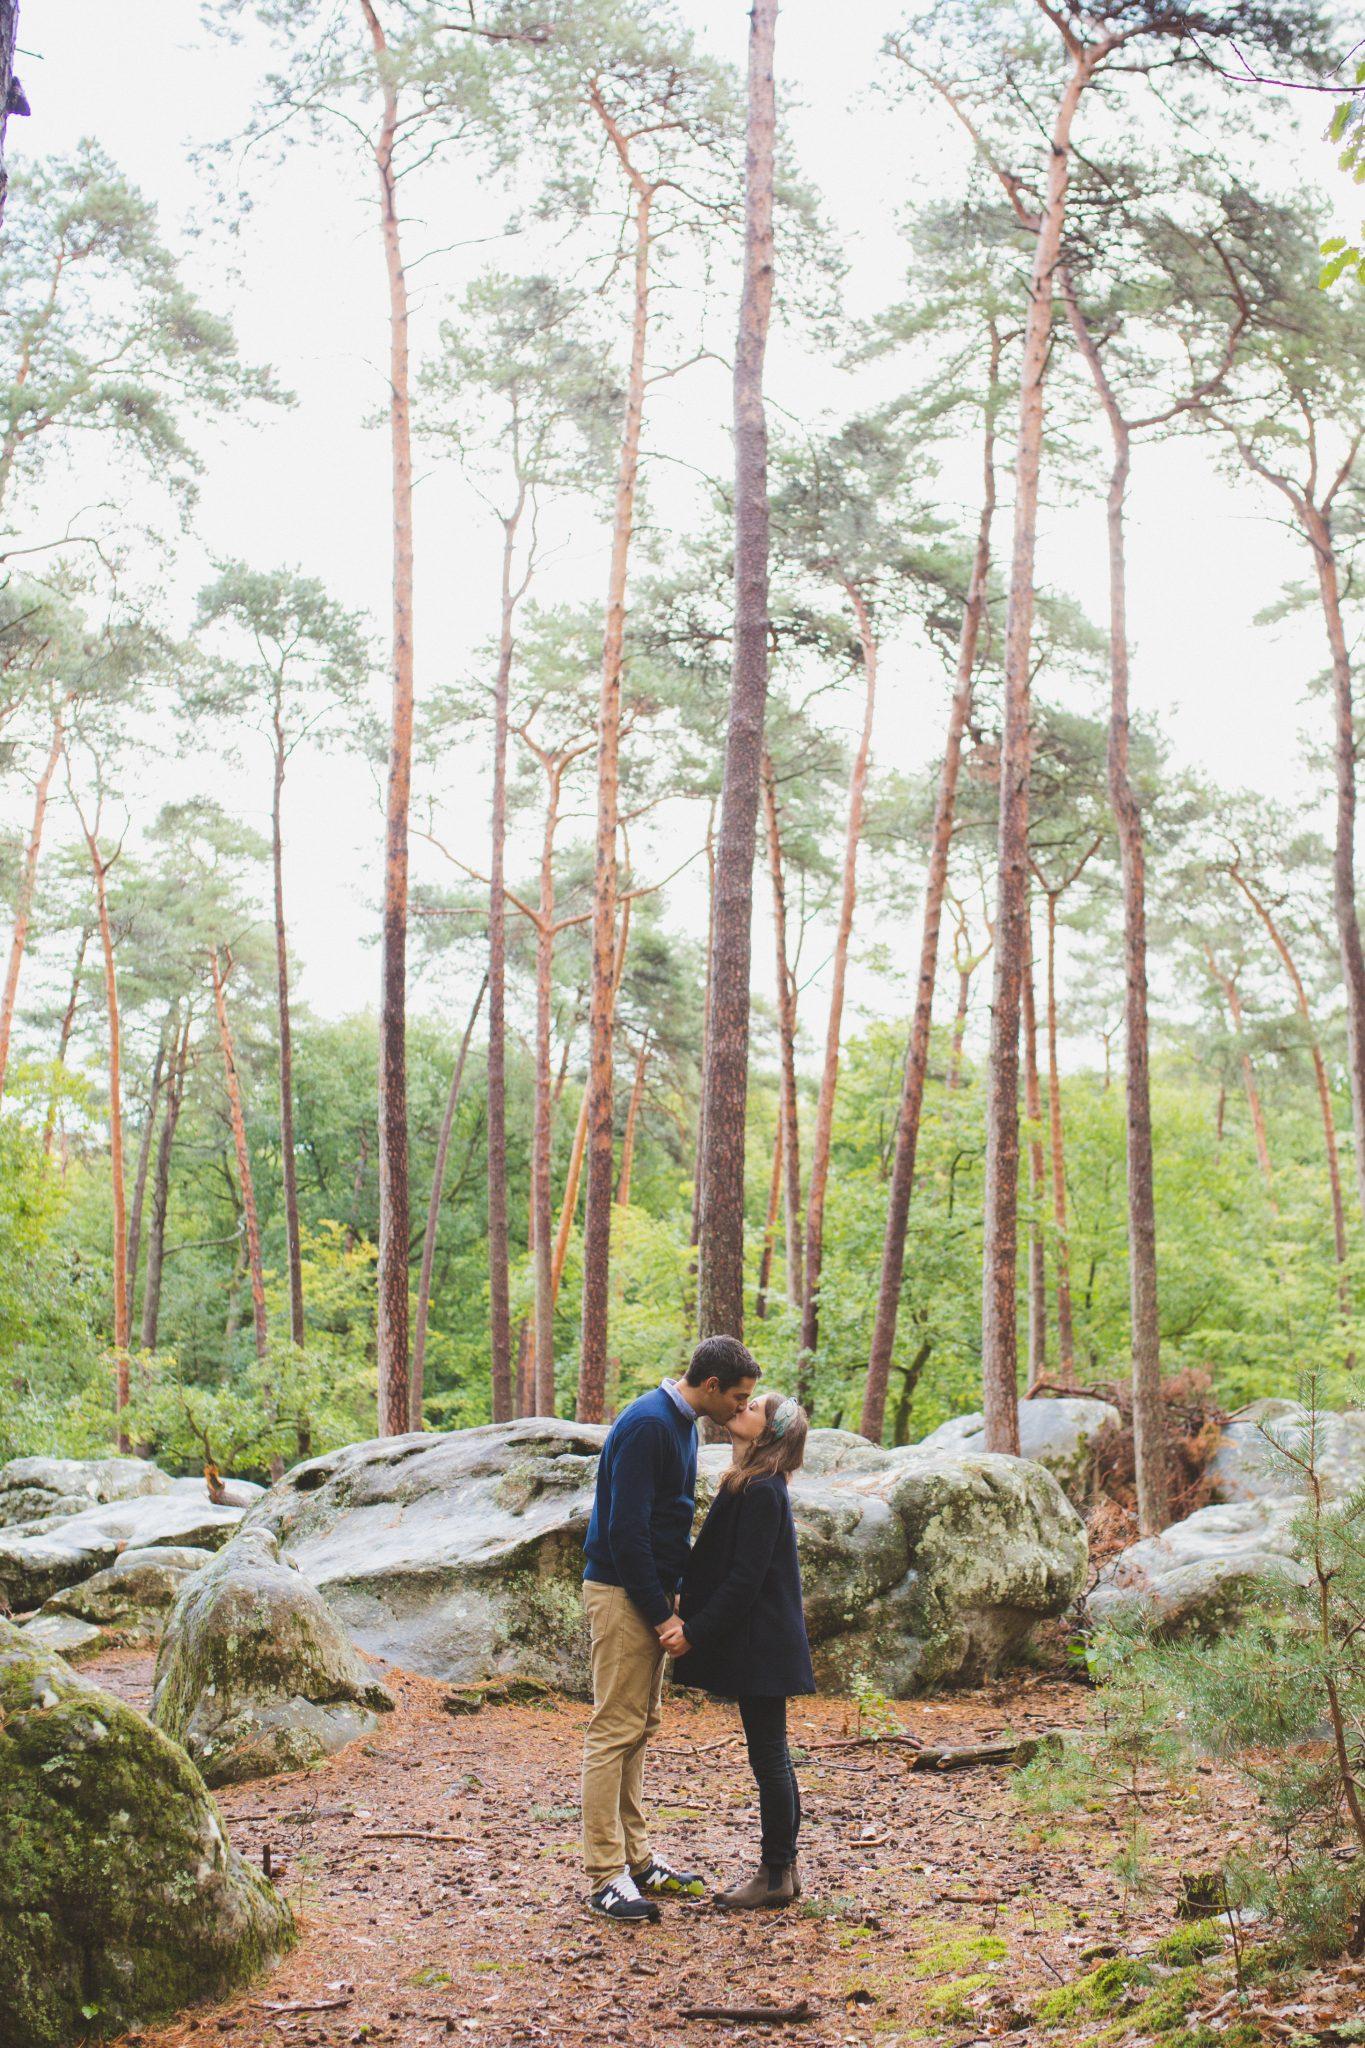 Marine Gomez Photographie - Photographe mariage et portrait Paris et Fontainebleau